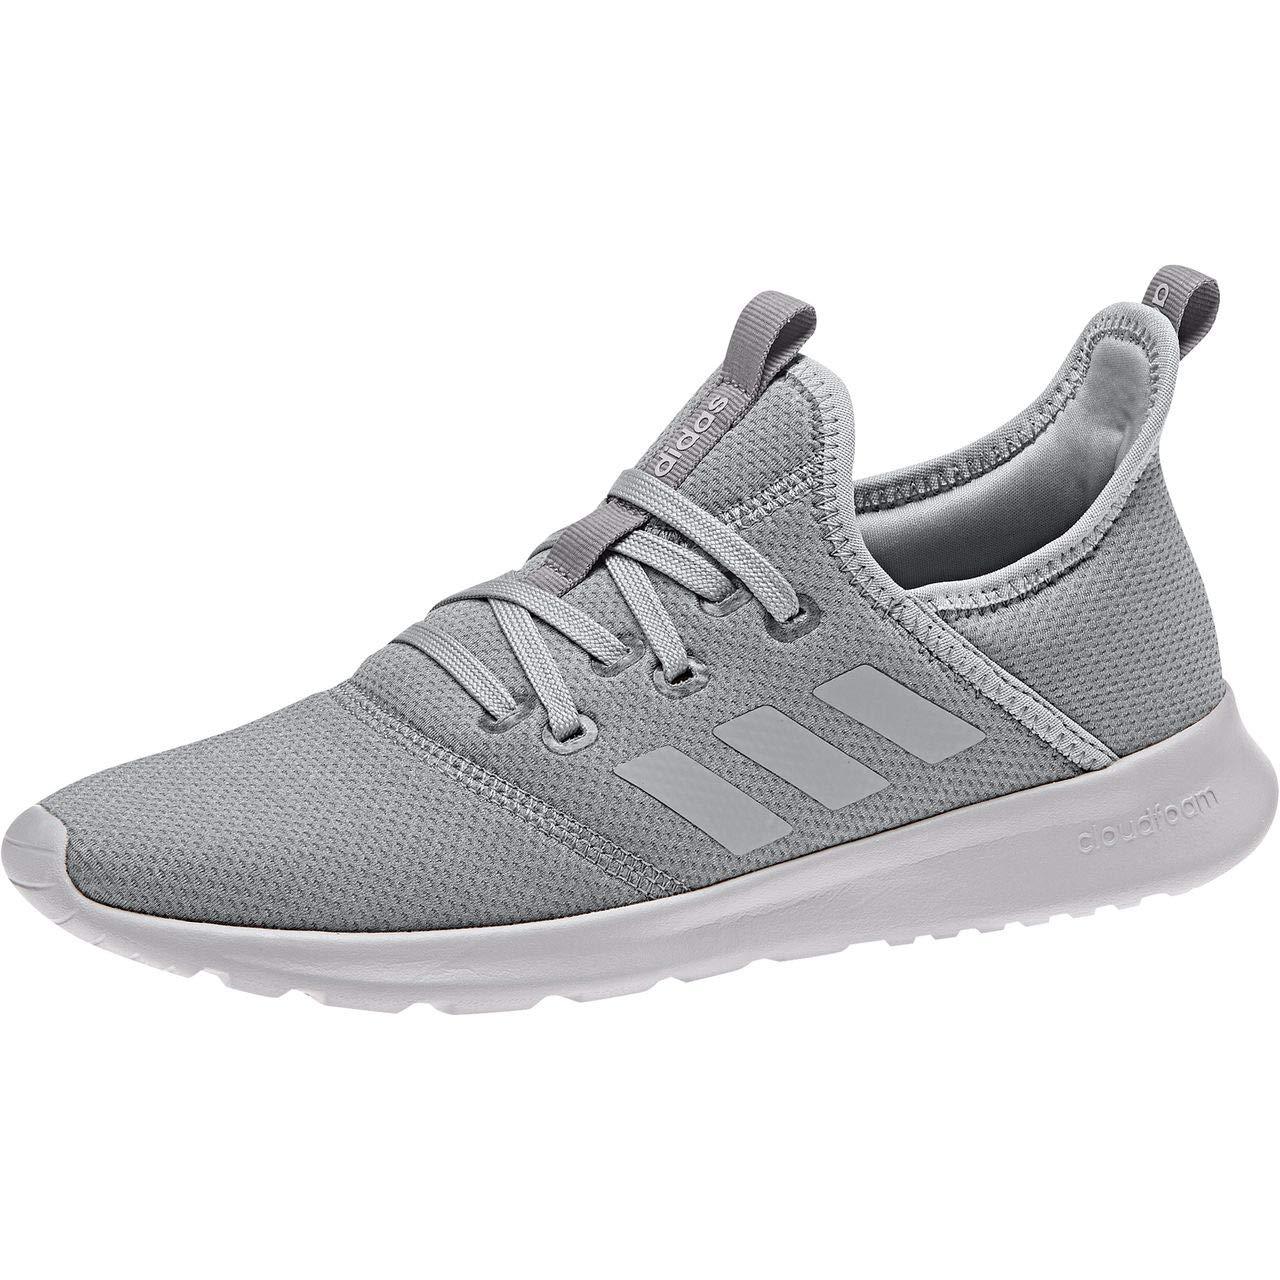 gris (Gritre Grasua Gridos 000) adidas Cloudfoam Pure, Chaussures de Trail Femme 36 2 3 EU